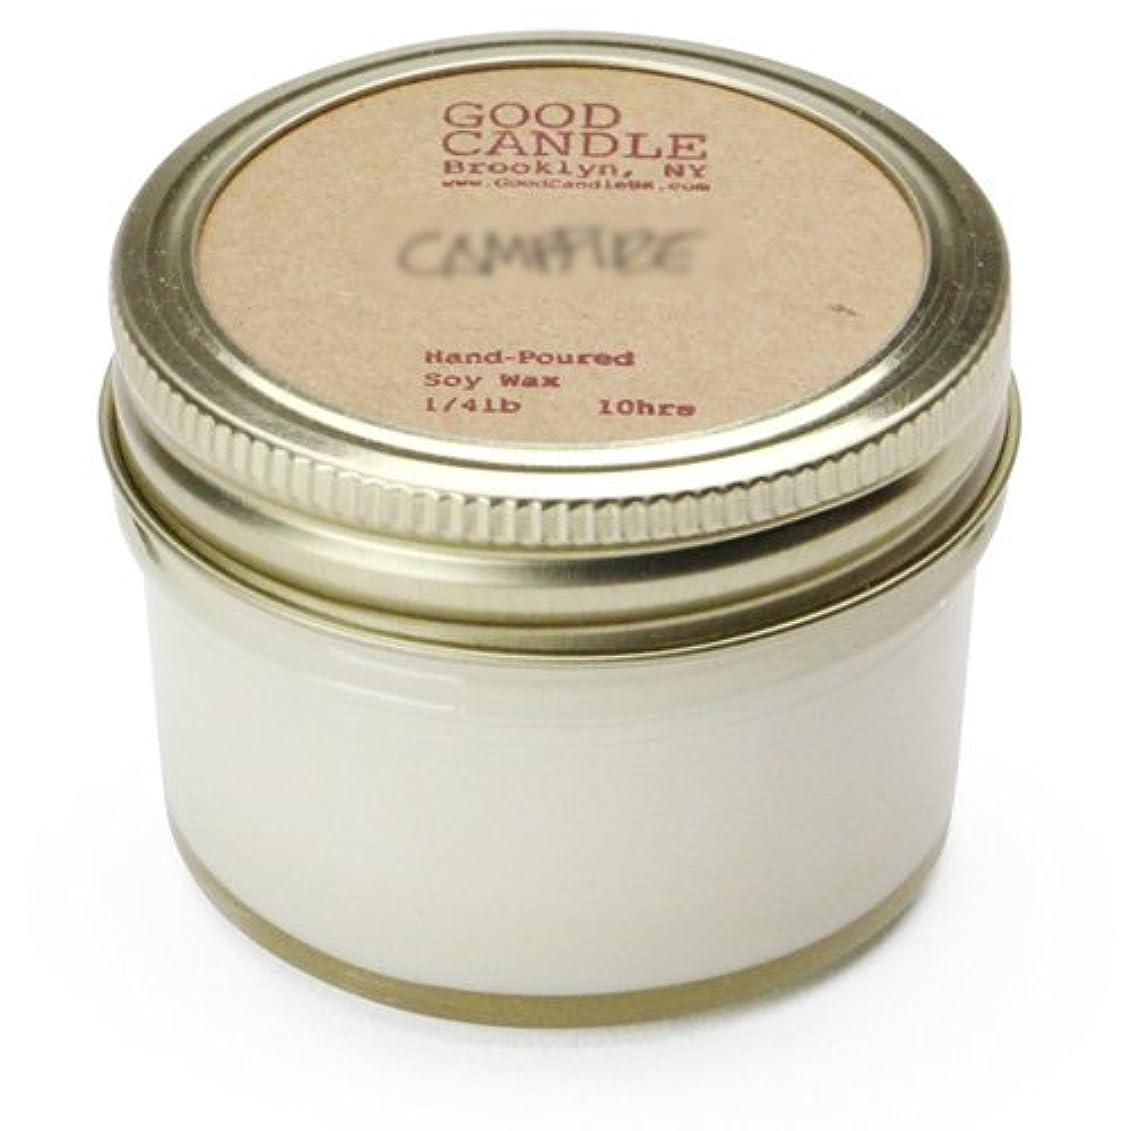 苗塊激怒グッドキャンドル 1/4ポンド ゼリージャー キャンドル Good Candle 1/4LB Jelly jar candle [ Basil ] 正規品